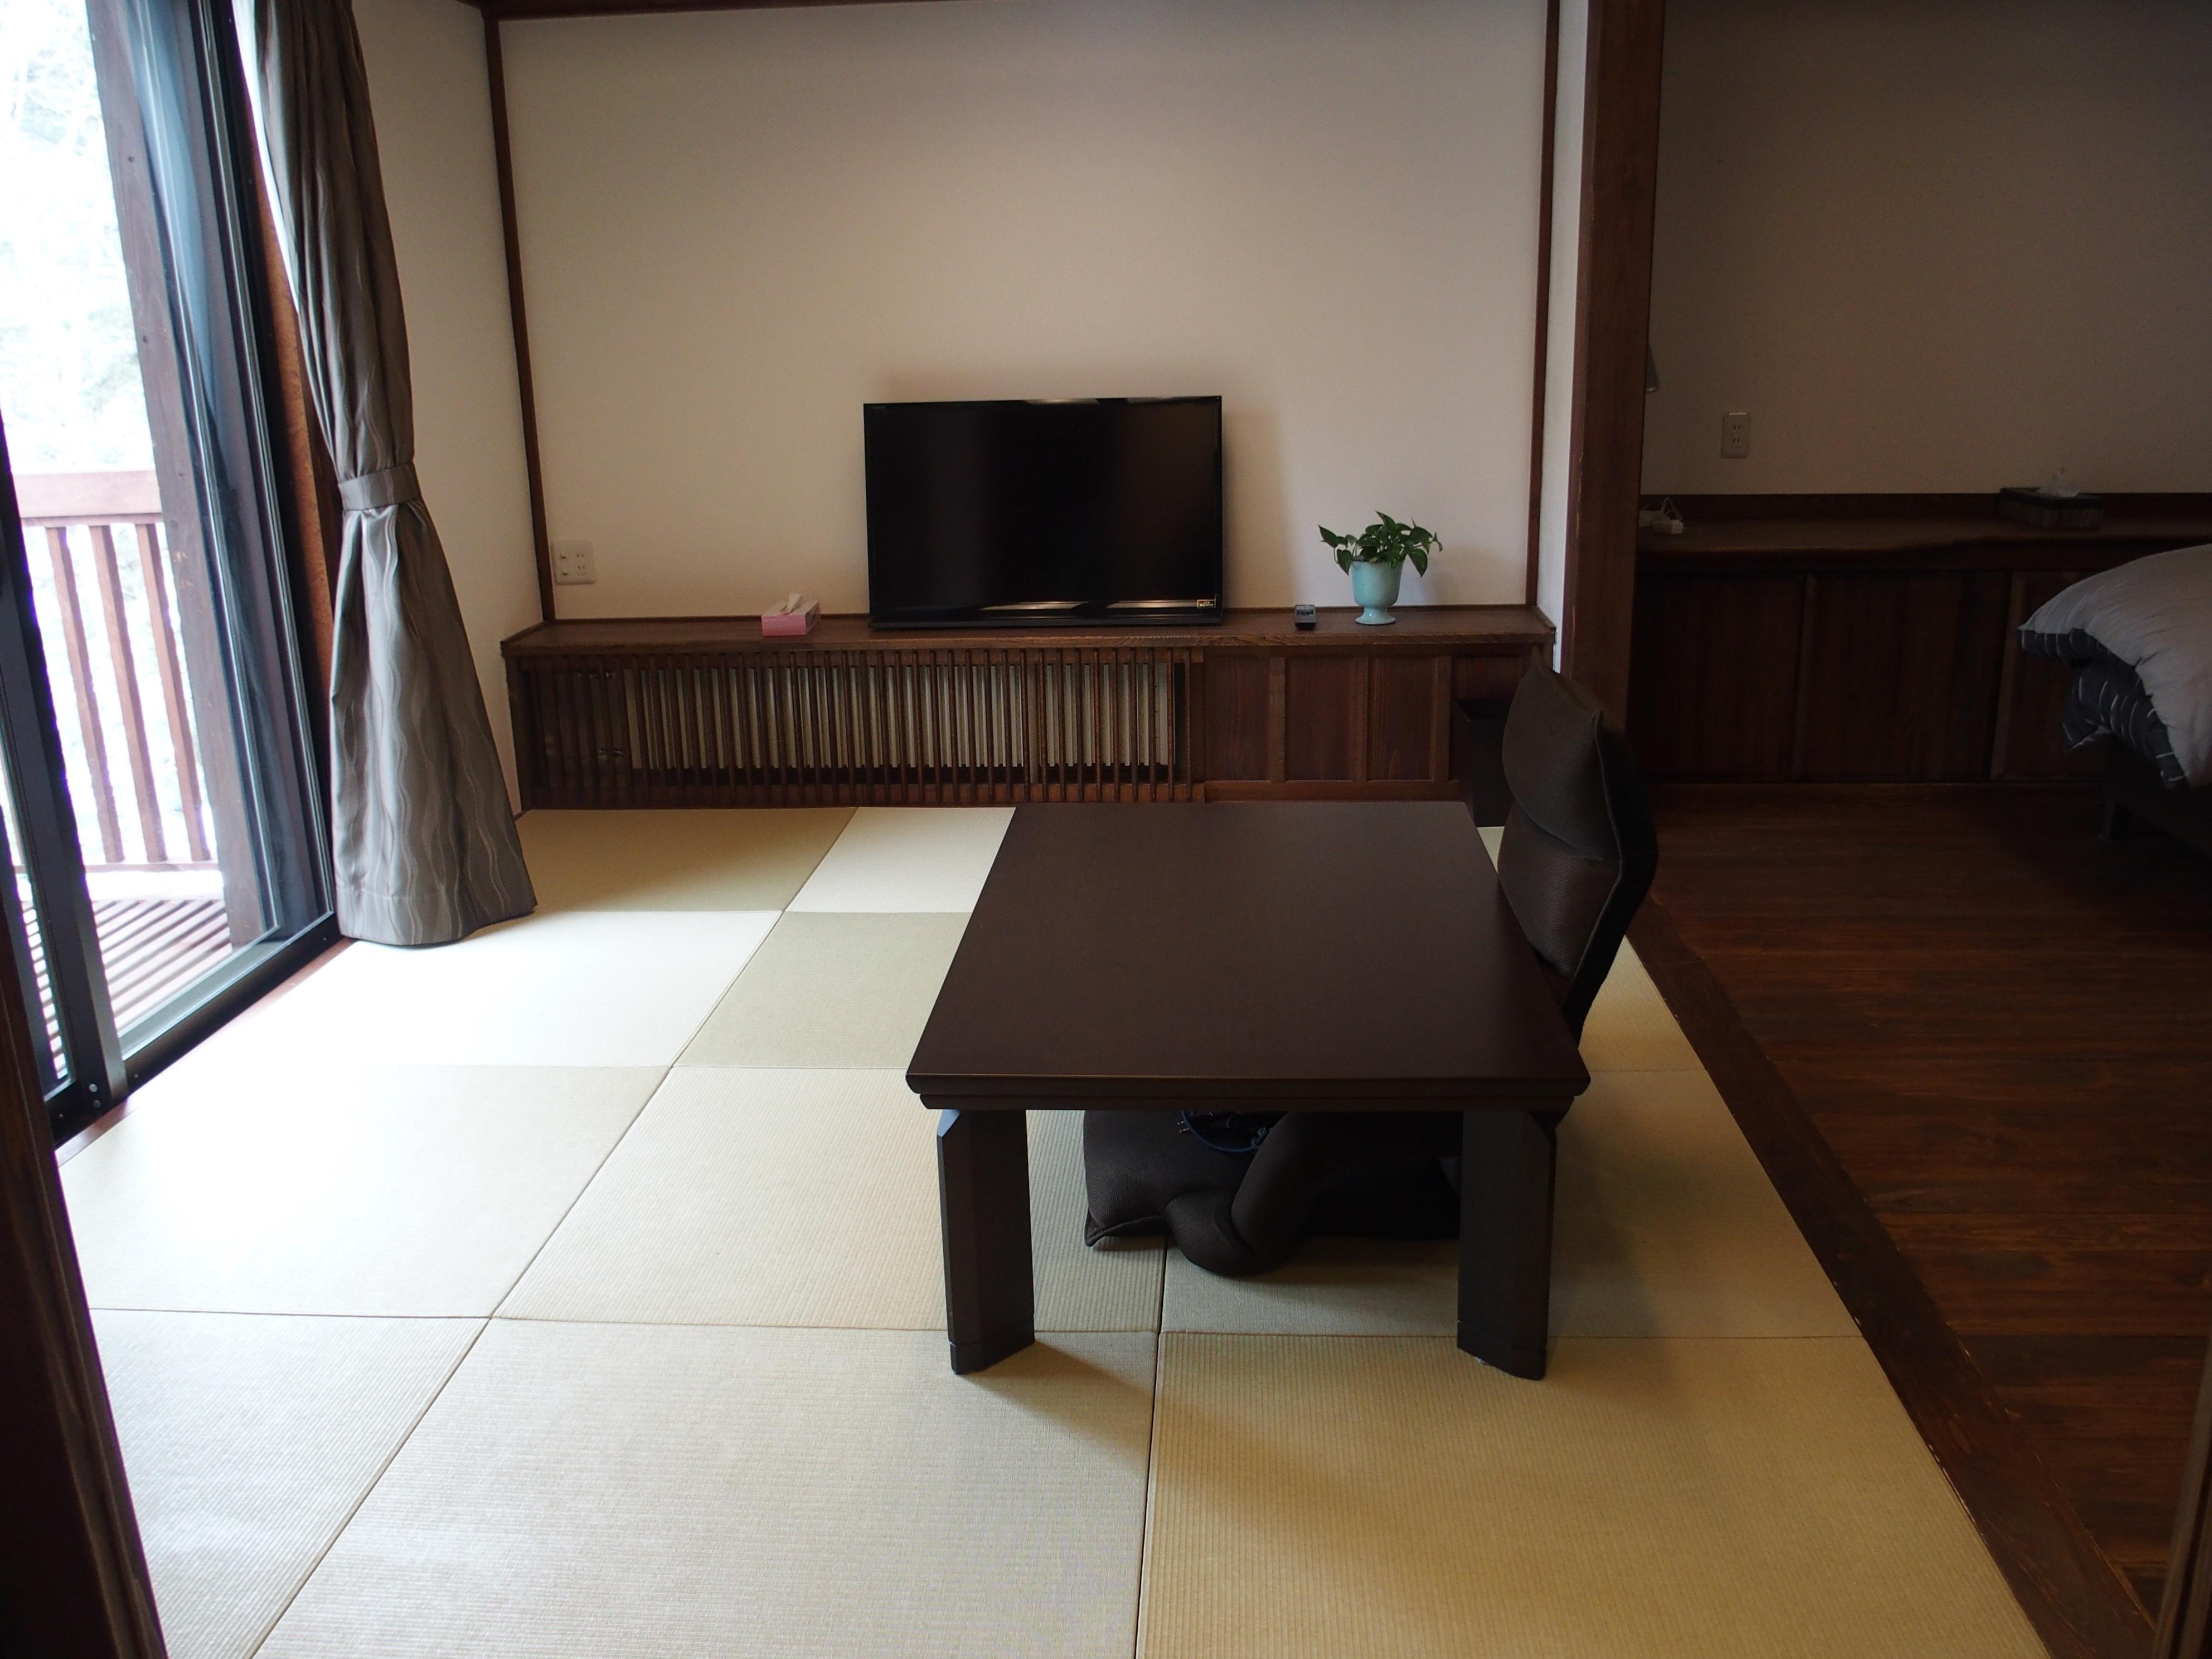 琉球畳の間